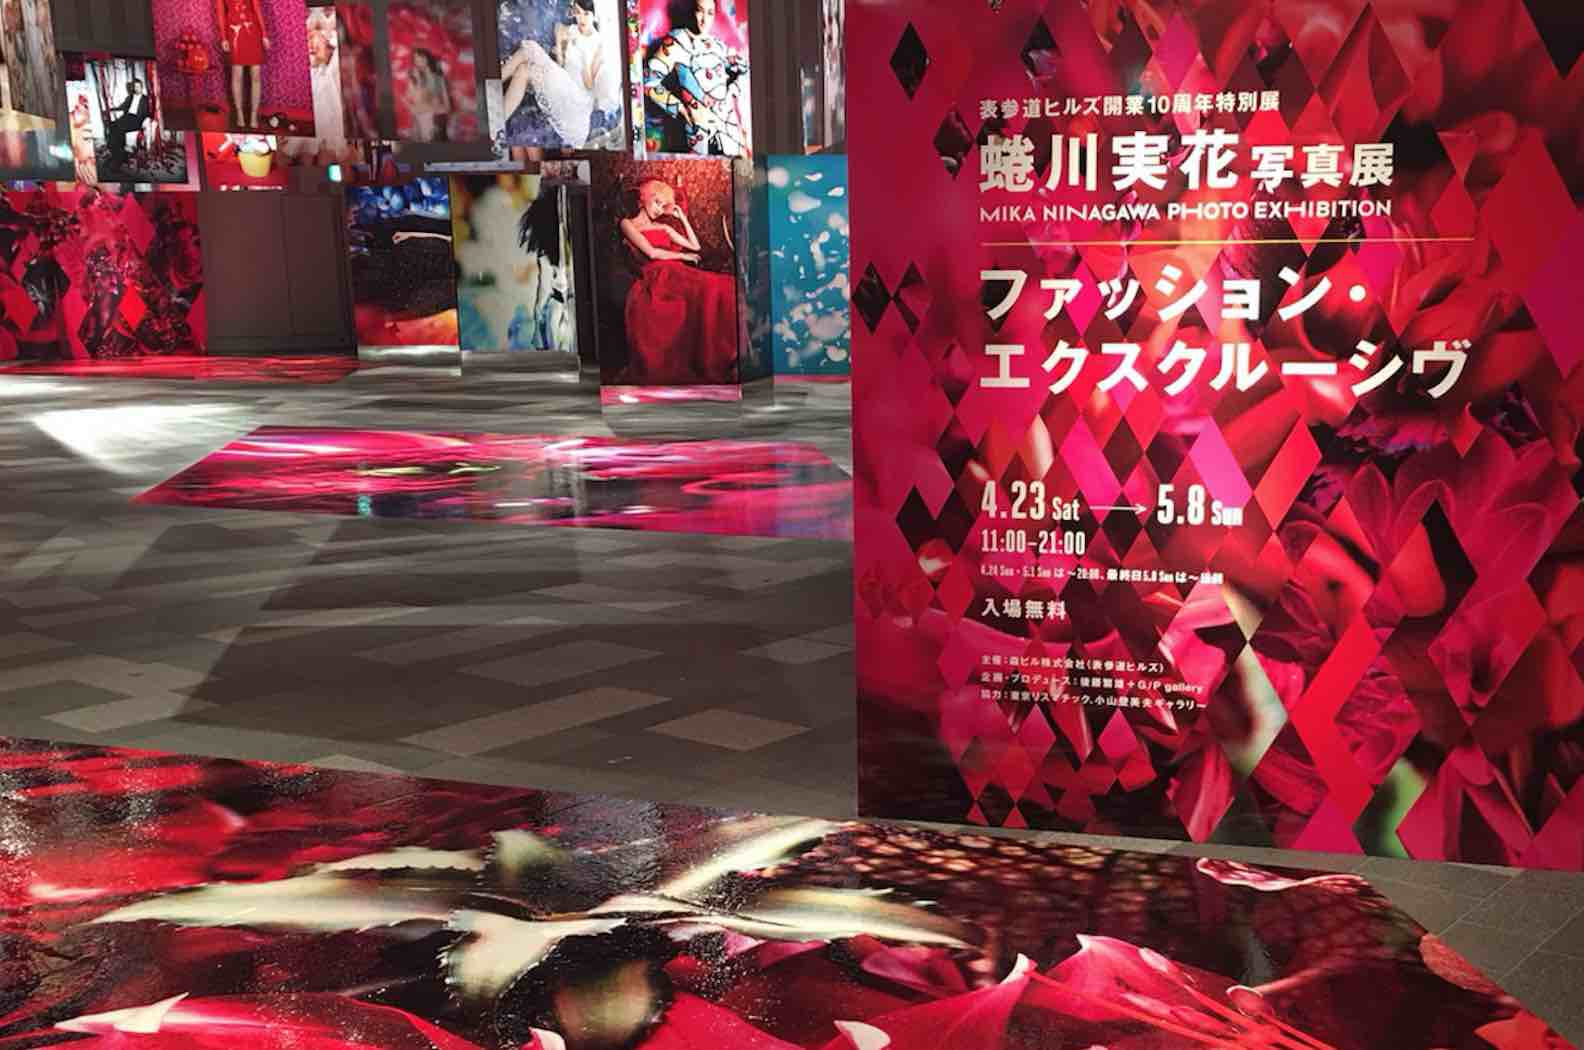 GWは蜷川実花の世界へ!初のファッションフォト写真展が表参道ヒルズで開催。